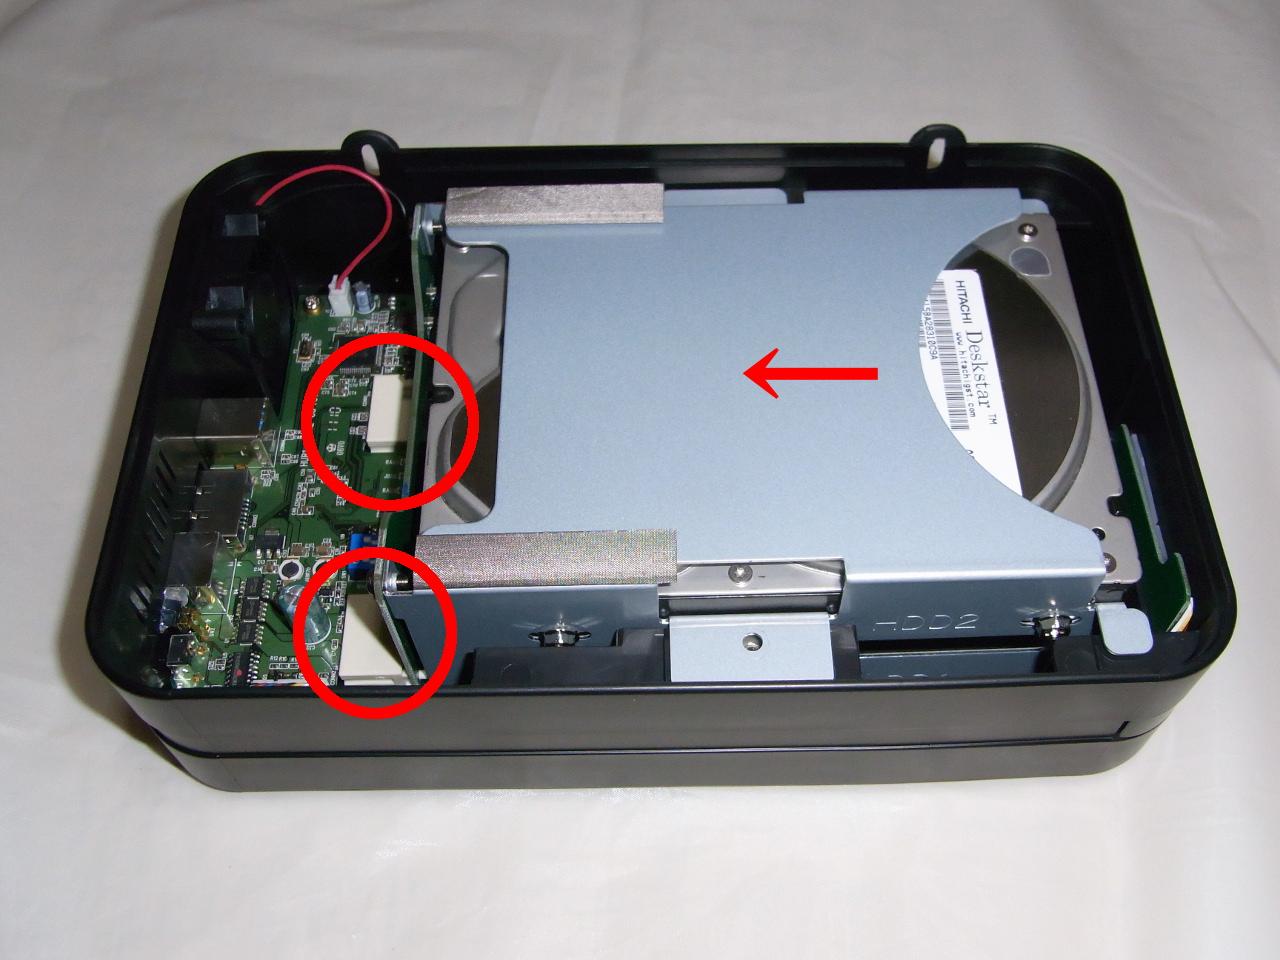 CG-HDC2EUS31-WのHDDトレイとコネクタを接続